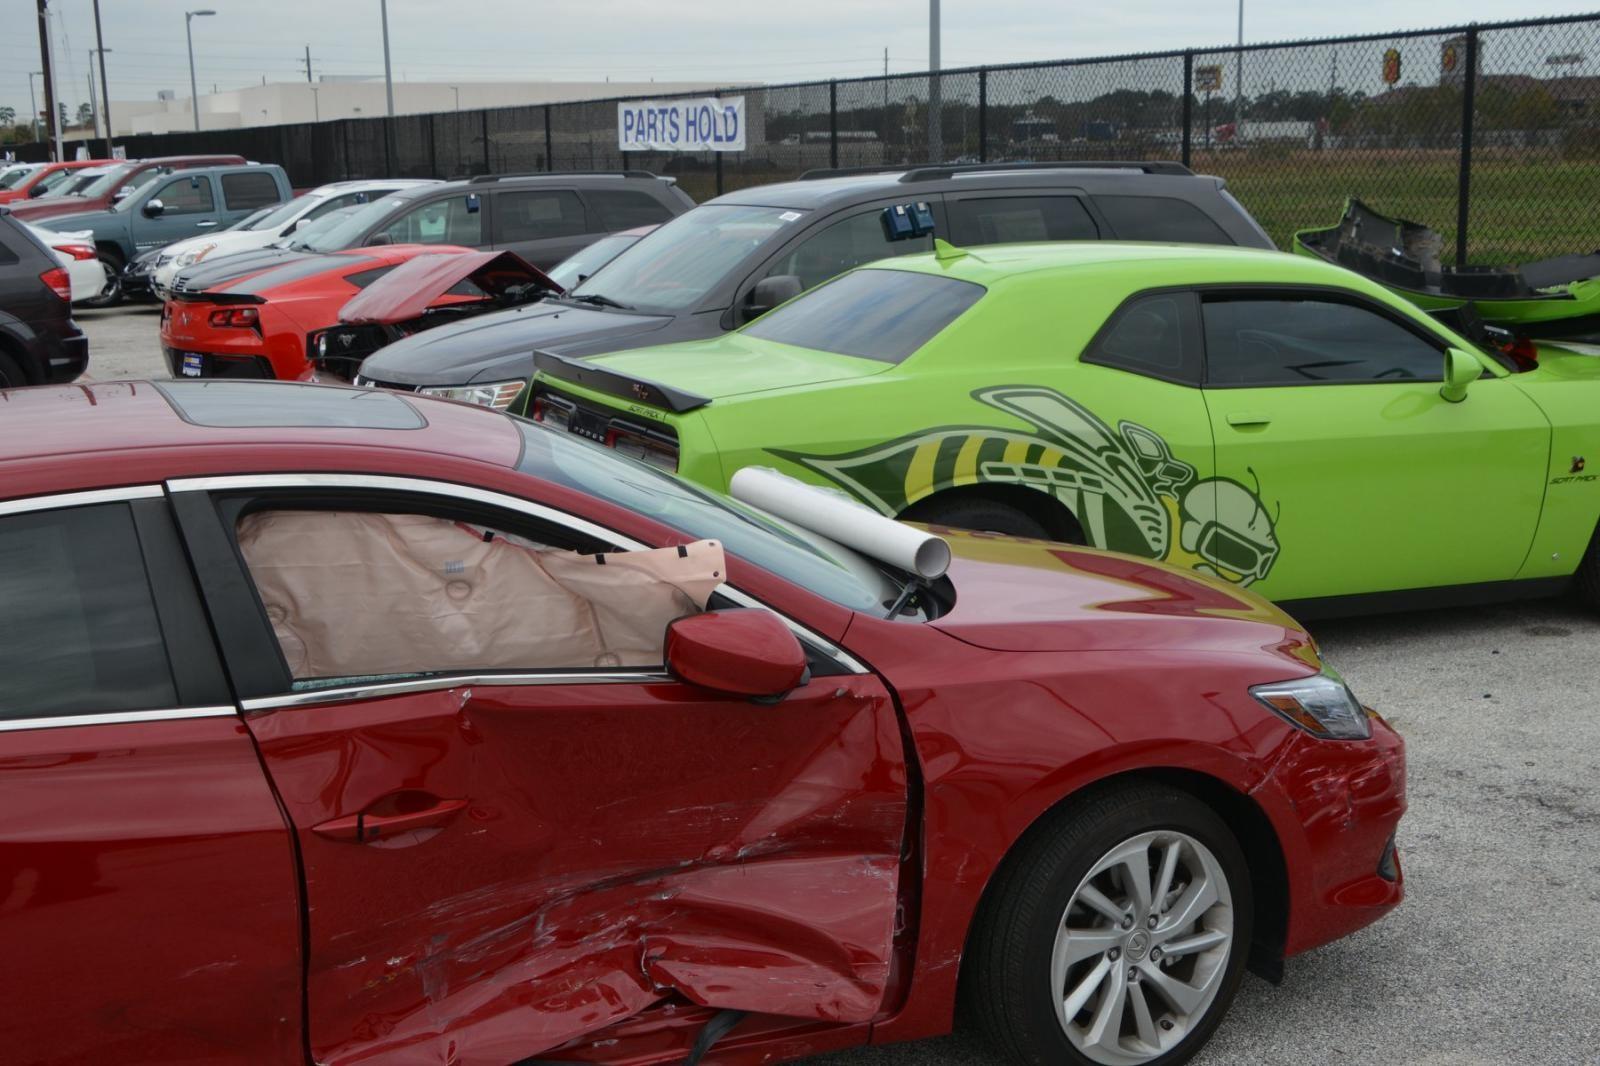 Túi khí bên trong chiếc Acura bung ra, che kín cả cửa sổ